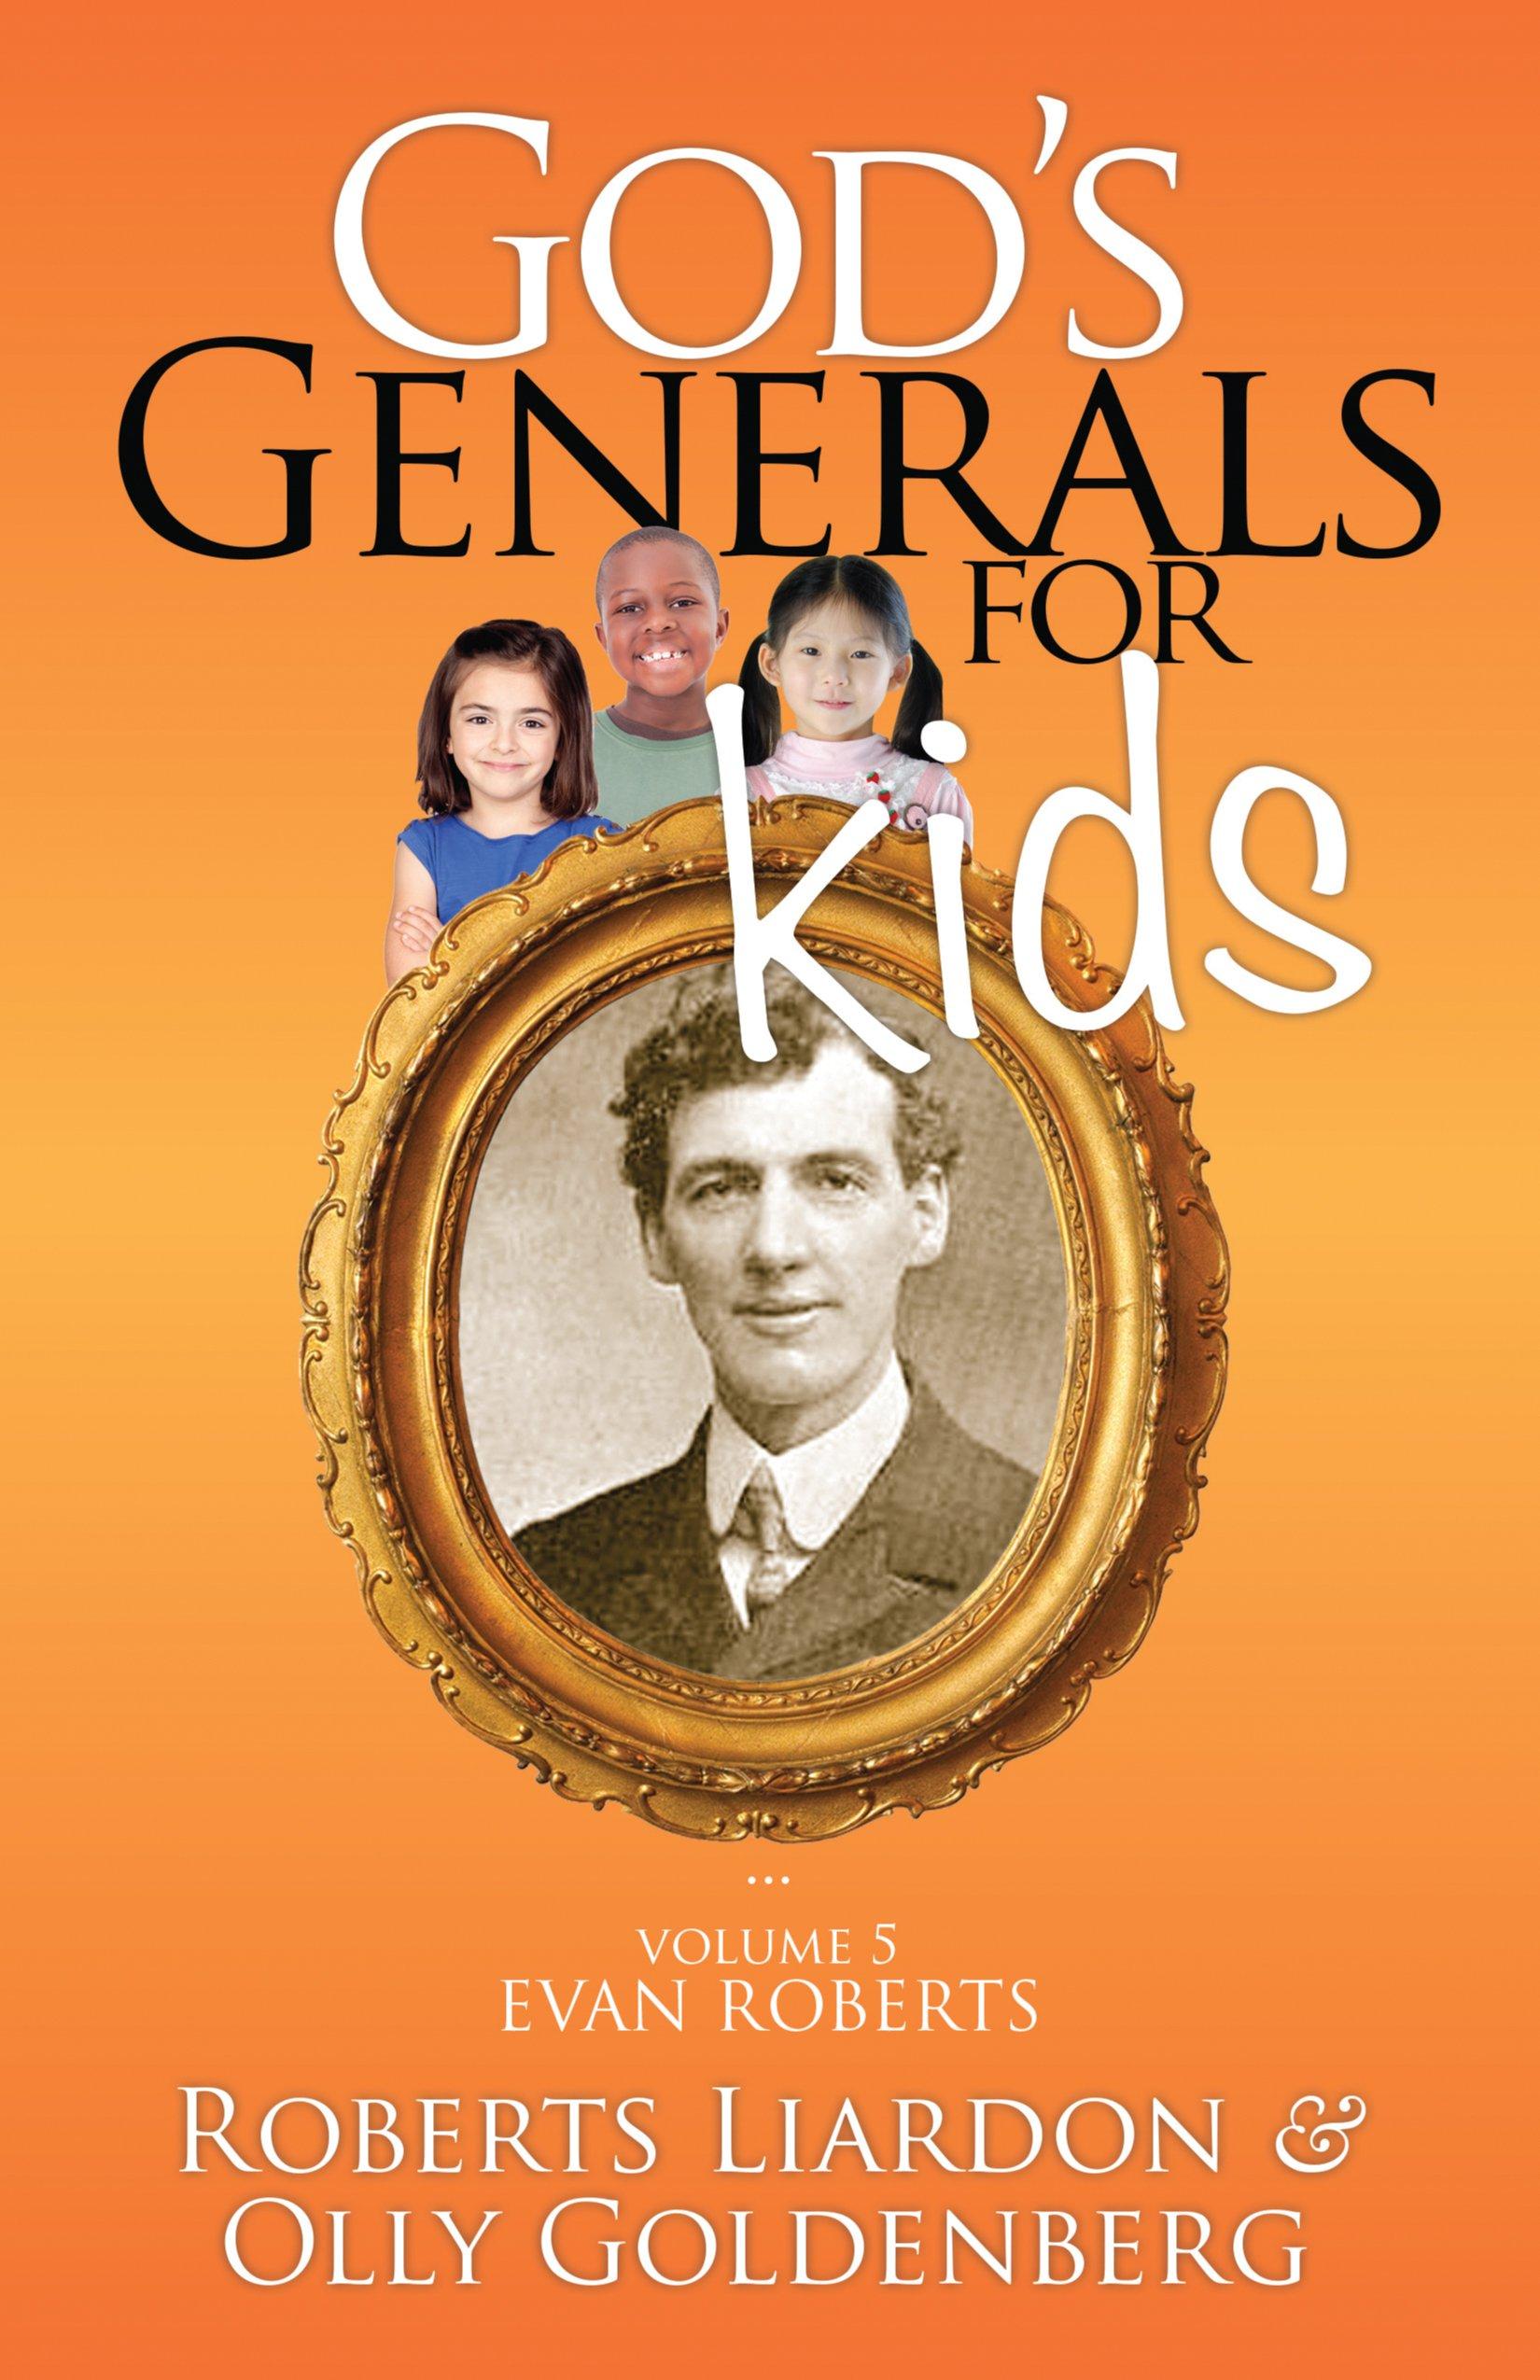 God's Generals For Kids Volume 5: Evan Roberts ebook